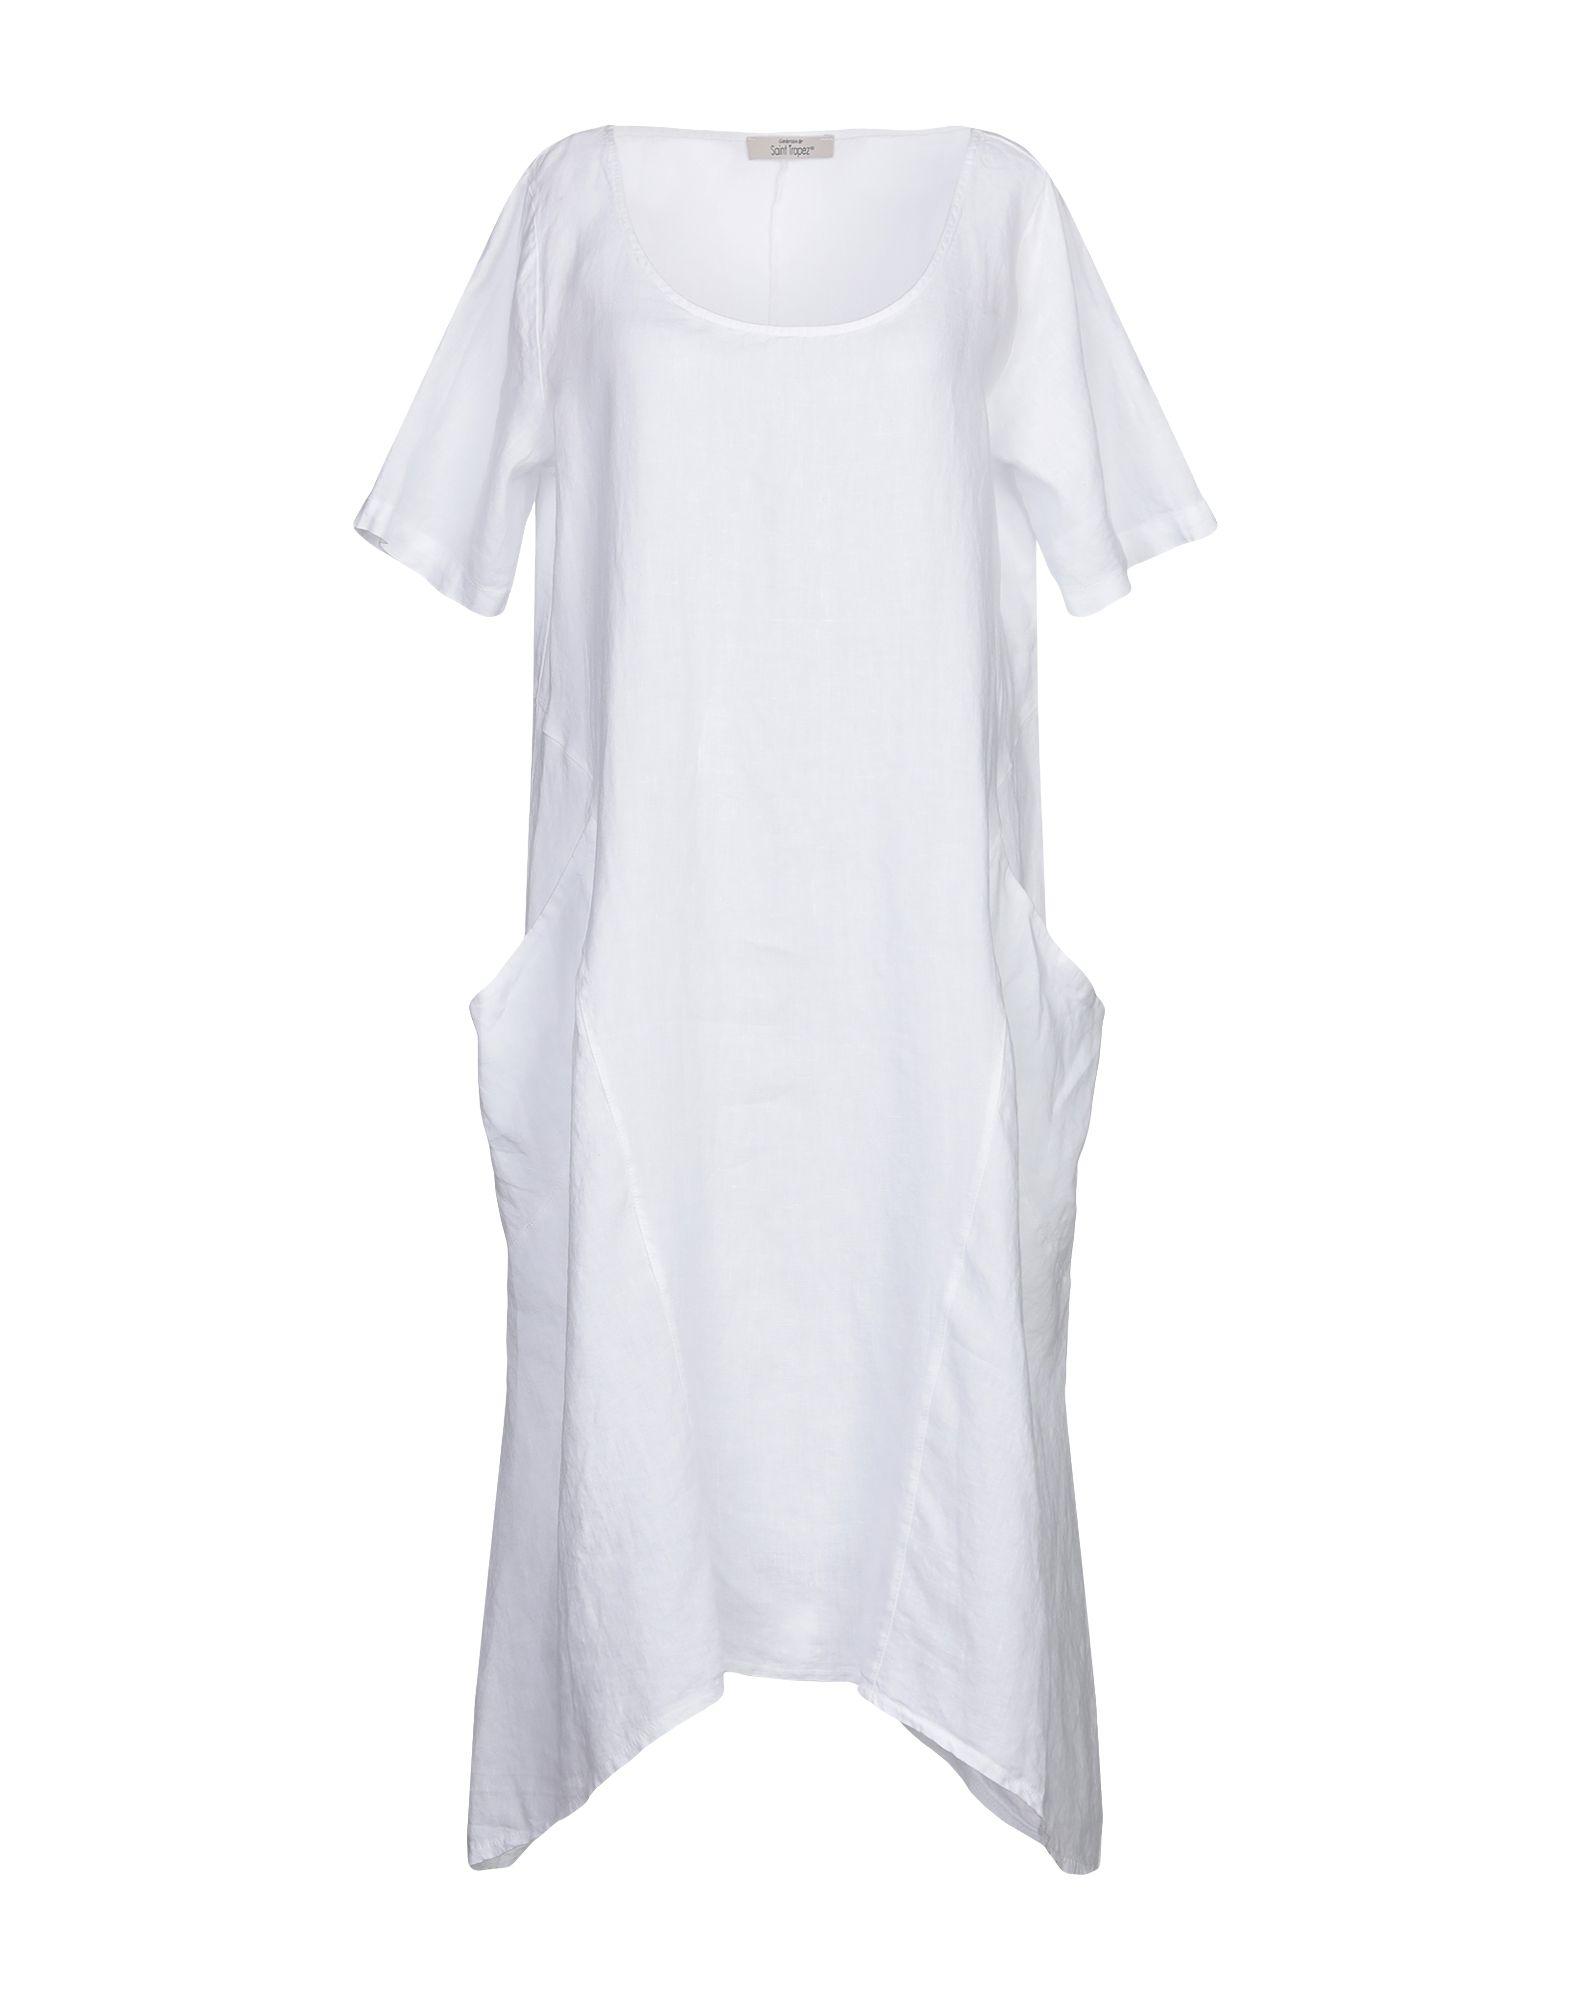 SAINT TROPEZ Платье длиной 3/4 недорго, оригинальная цена